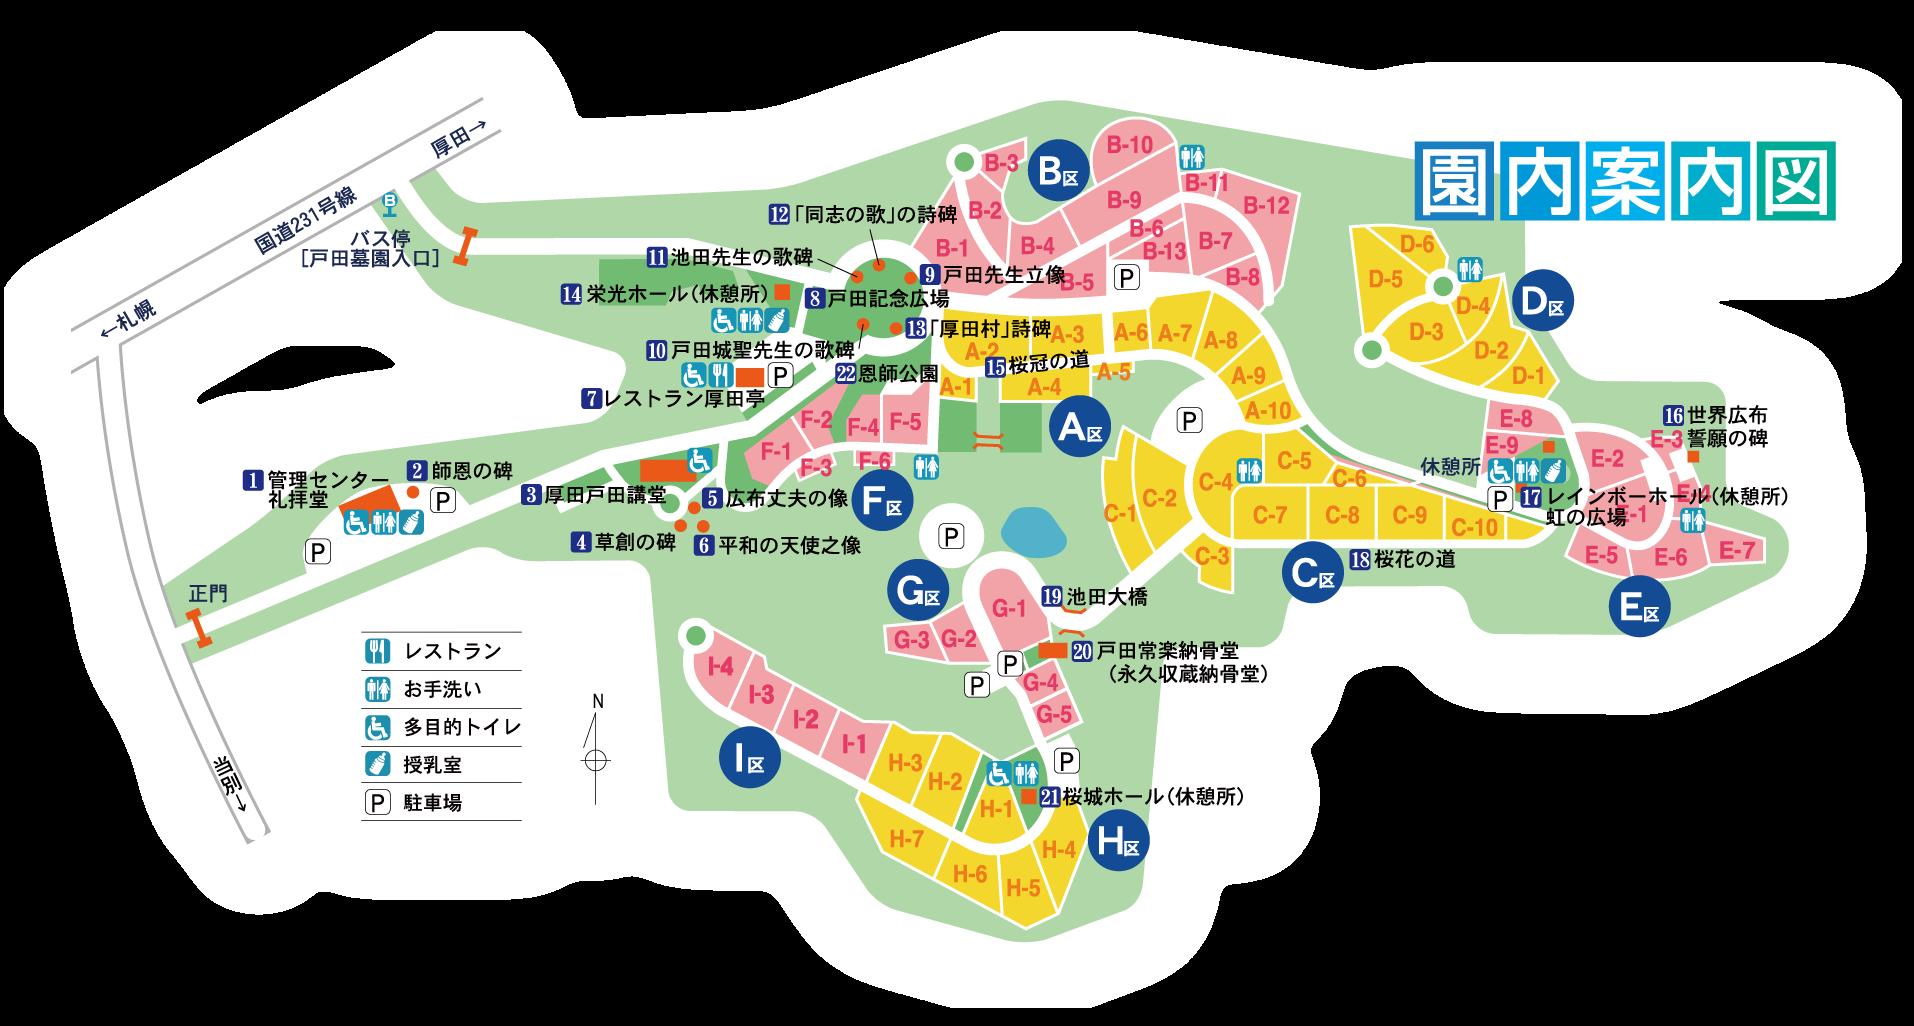 池田 墓地 関西 公園 記念